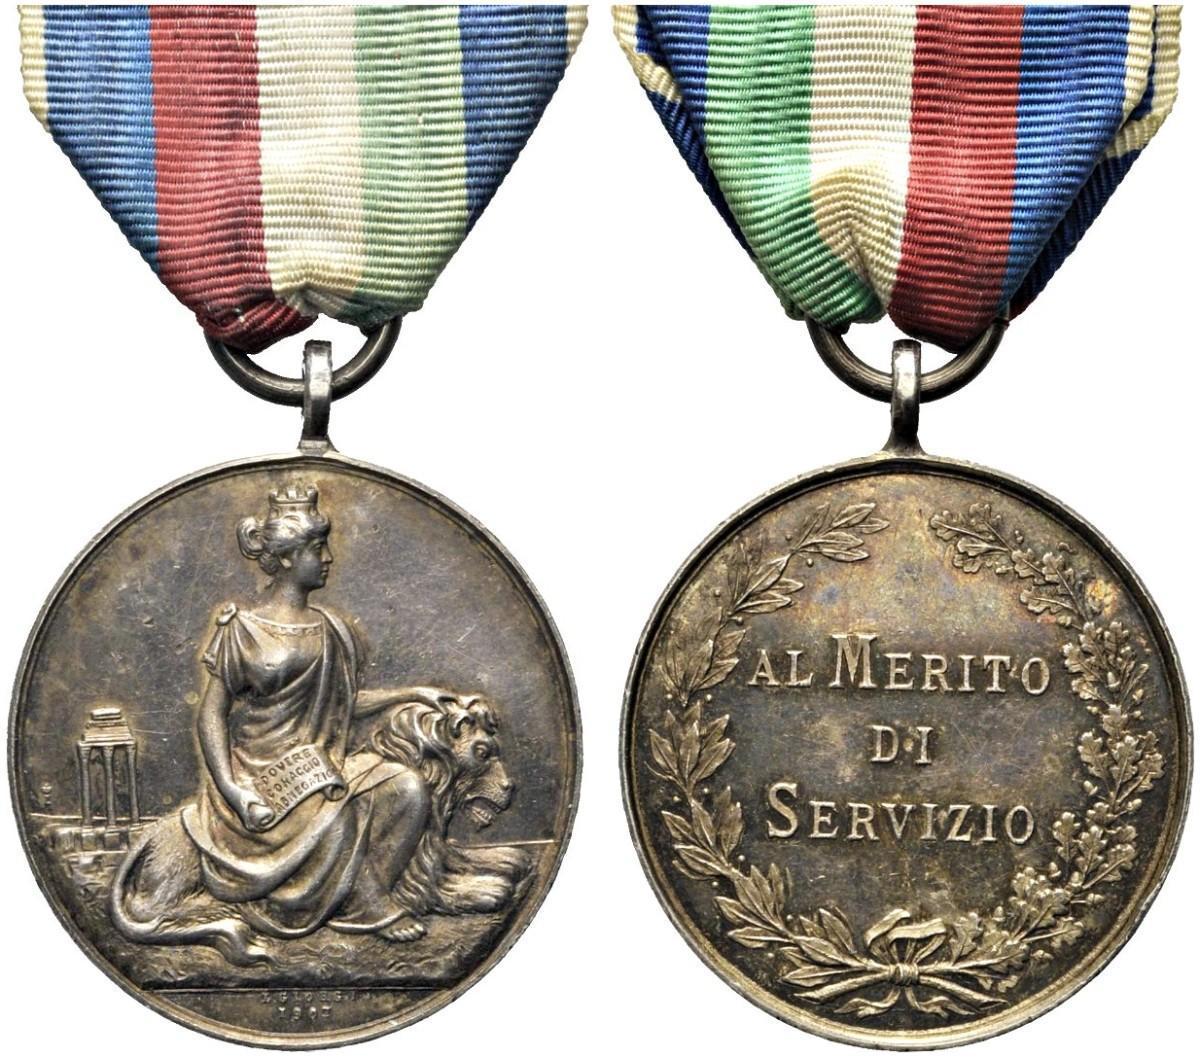 Numisbids numismatica ranieri s r l auction 10 12 - Decorazioni italiane ...